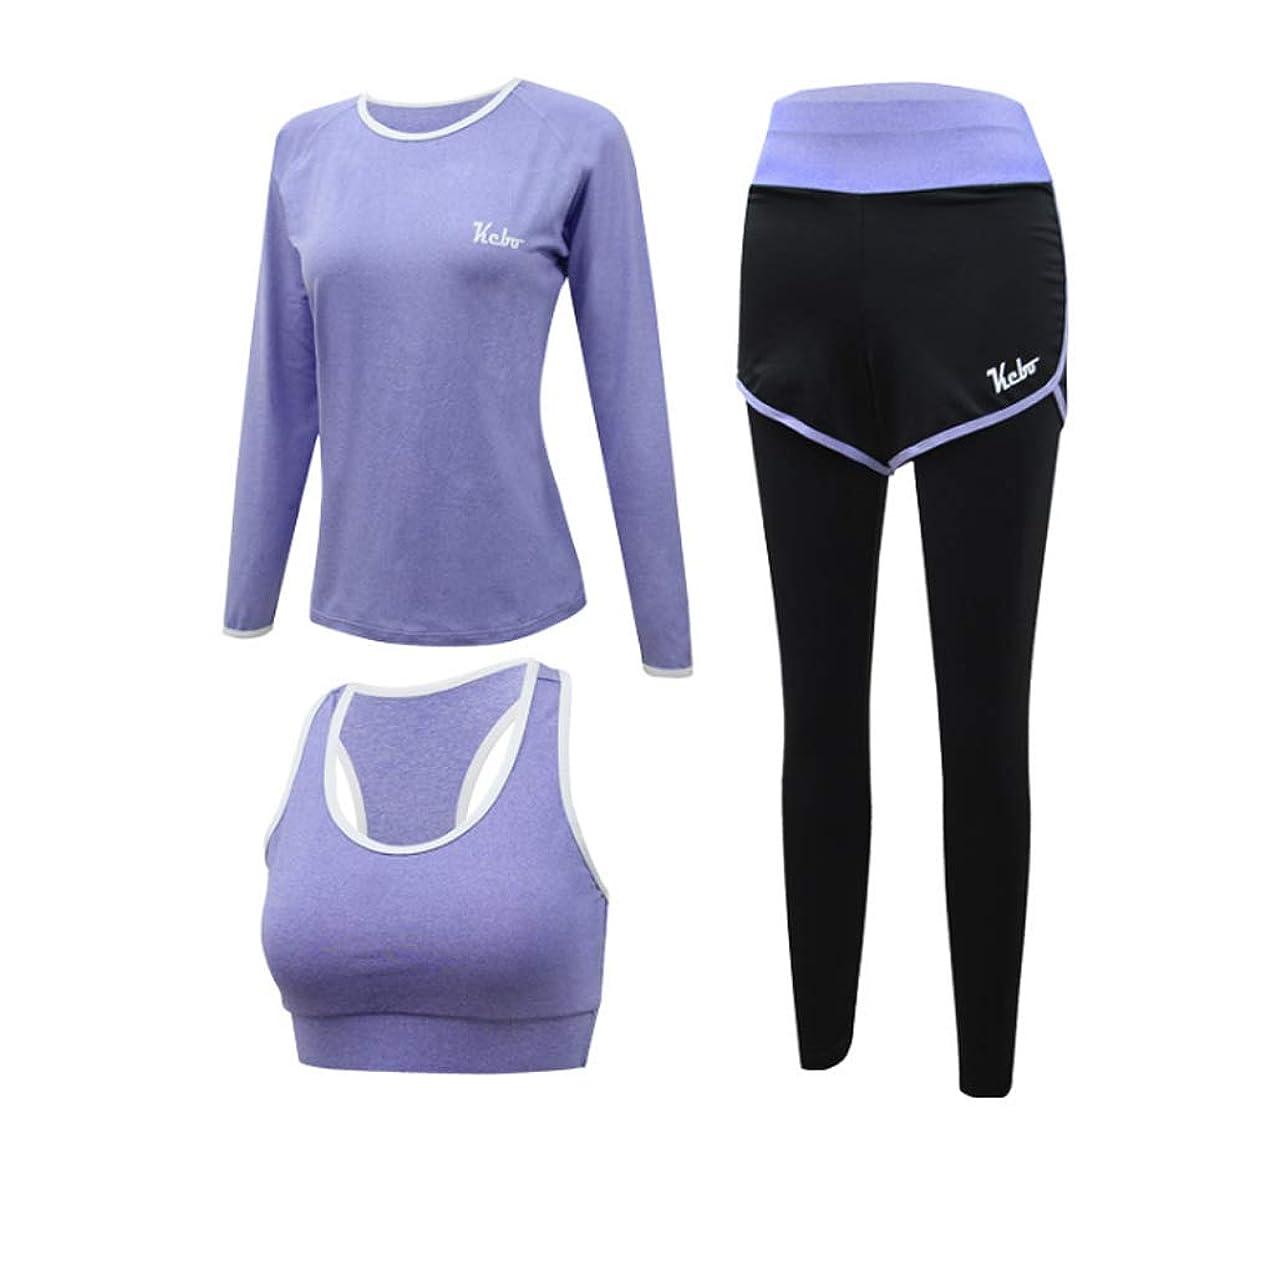 書士いちゃつく飼いならす女性用ヨガウェアフィットネスウェアスリーピース高弾性速乾性ランニングスポーツウェアスポーツブラフィットネスウェアヨガウェア (Color : 6, Size : XXL)